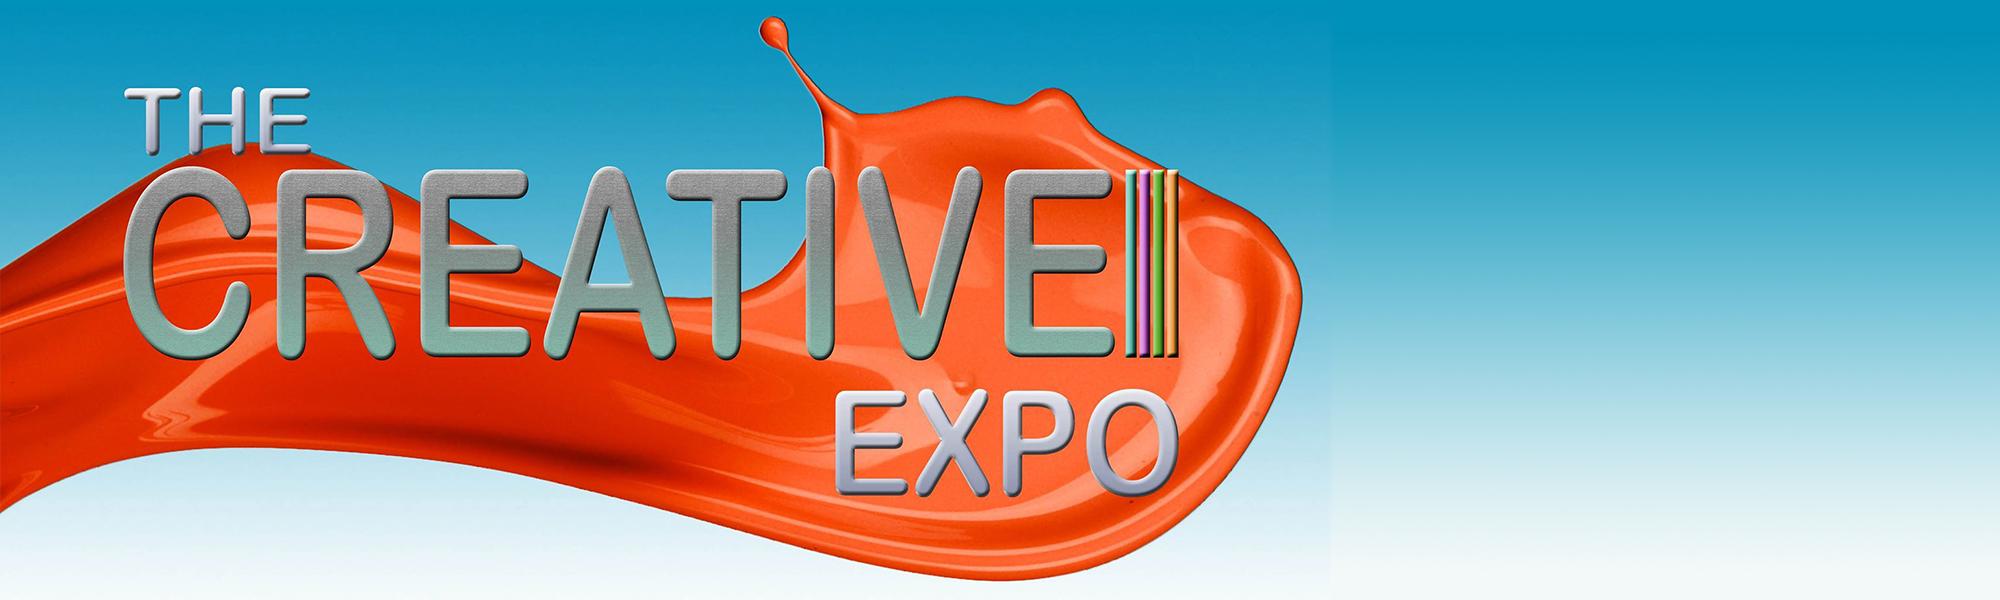 Creative Expo banner 2000x600